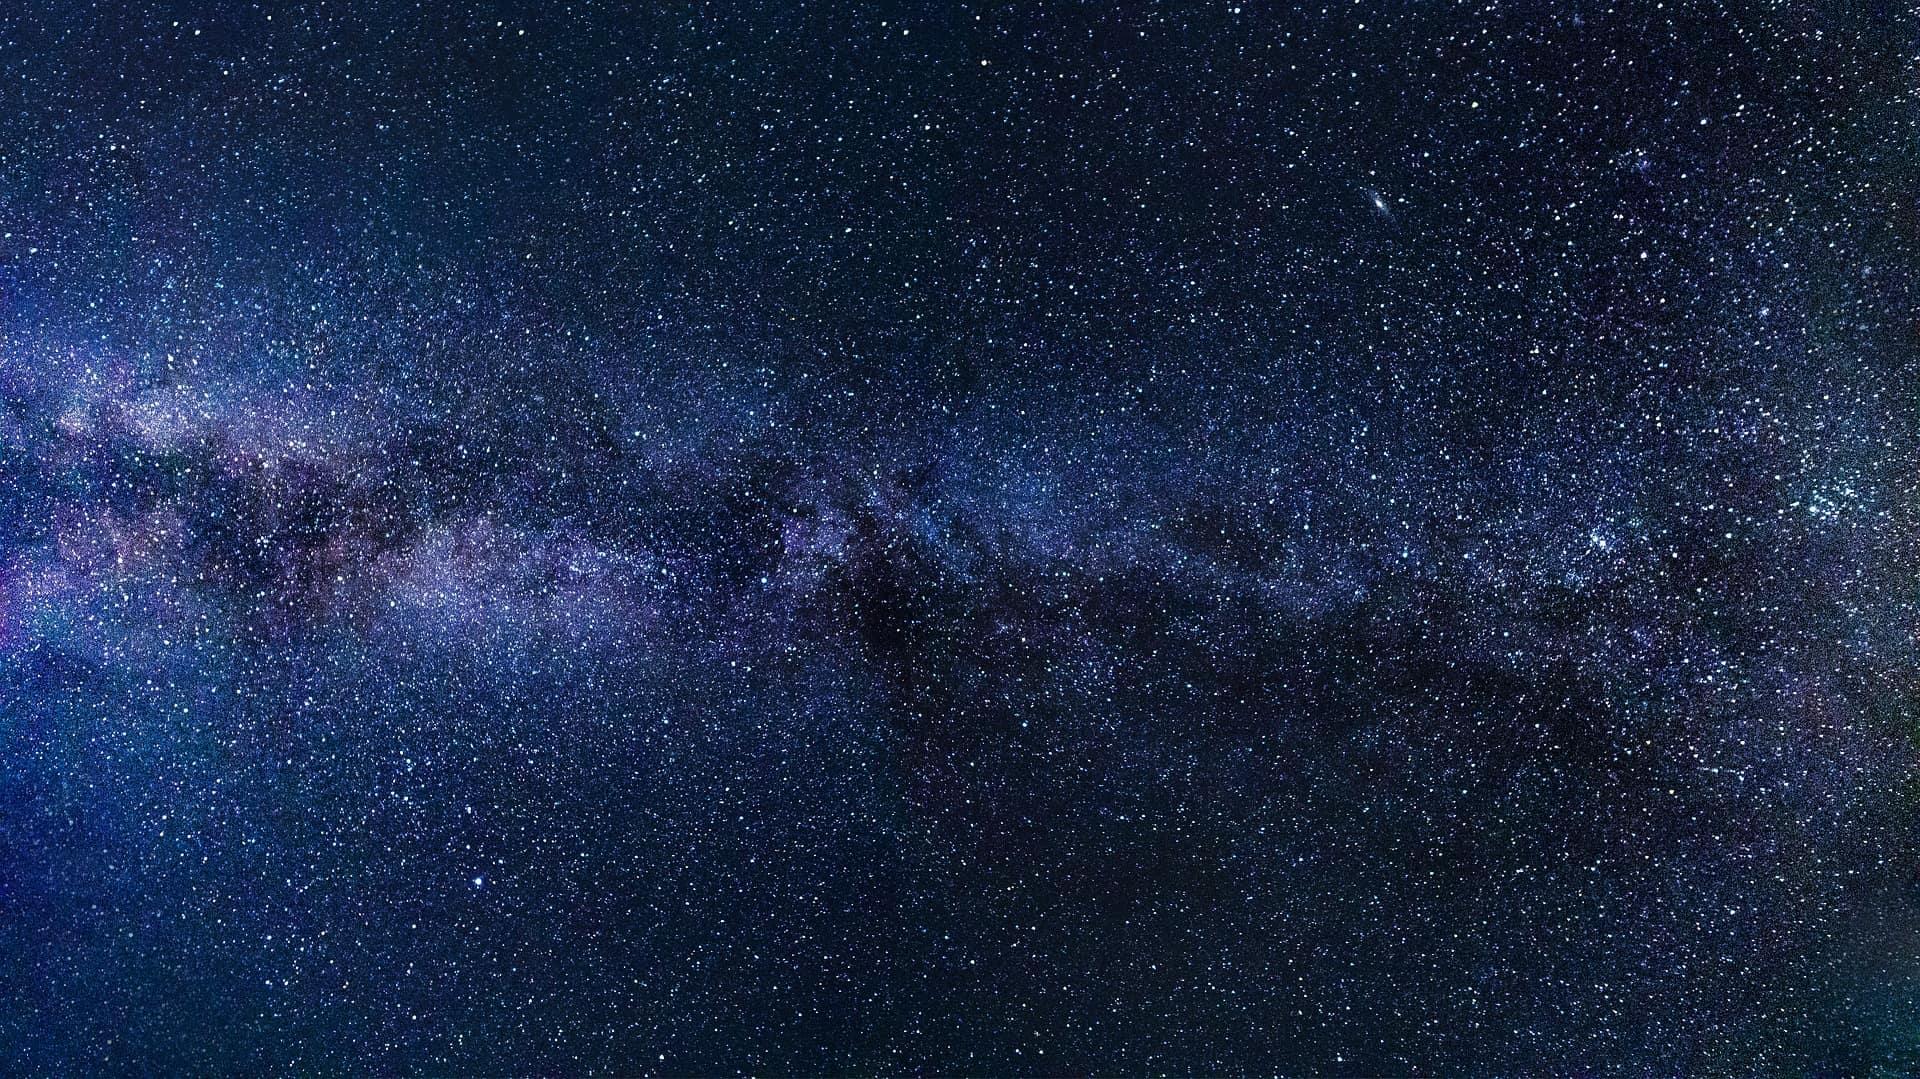 Night skies milky way